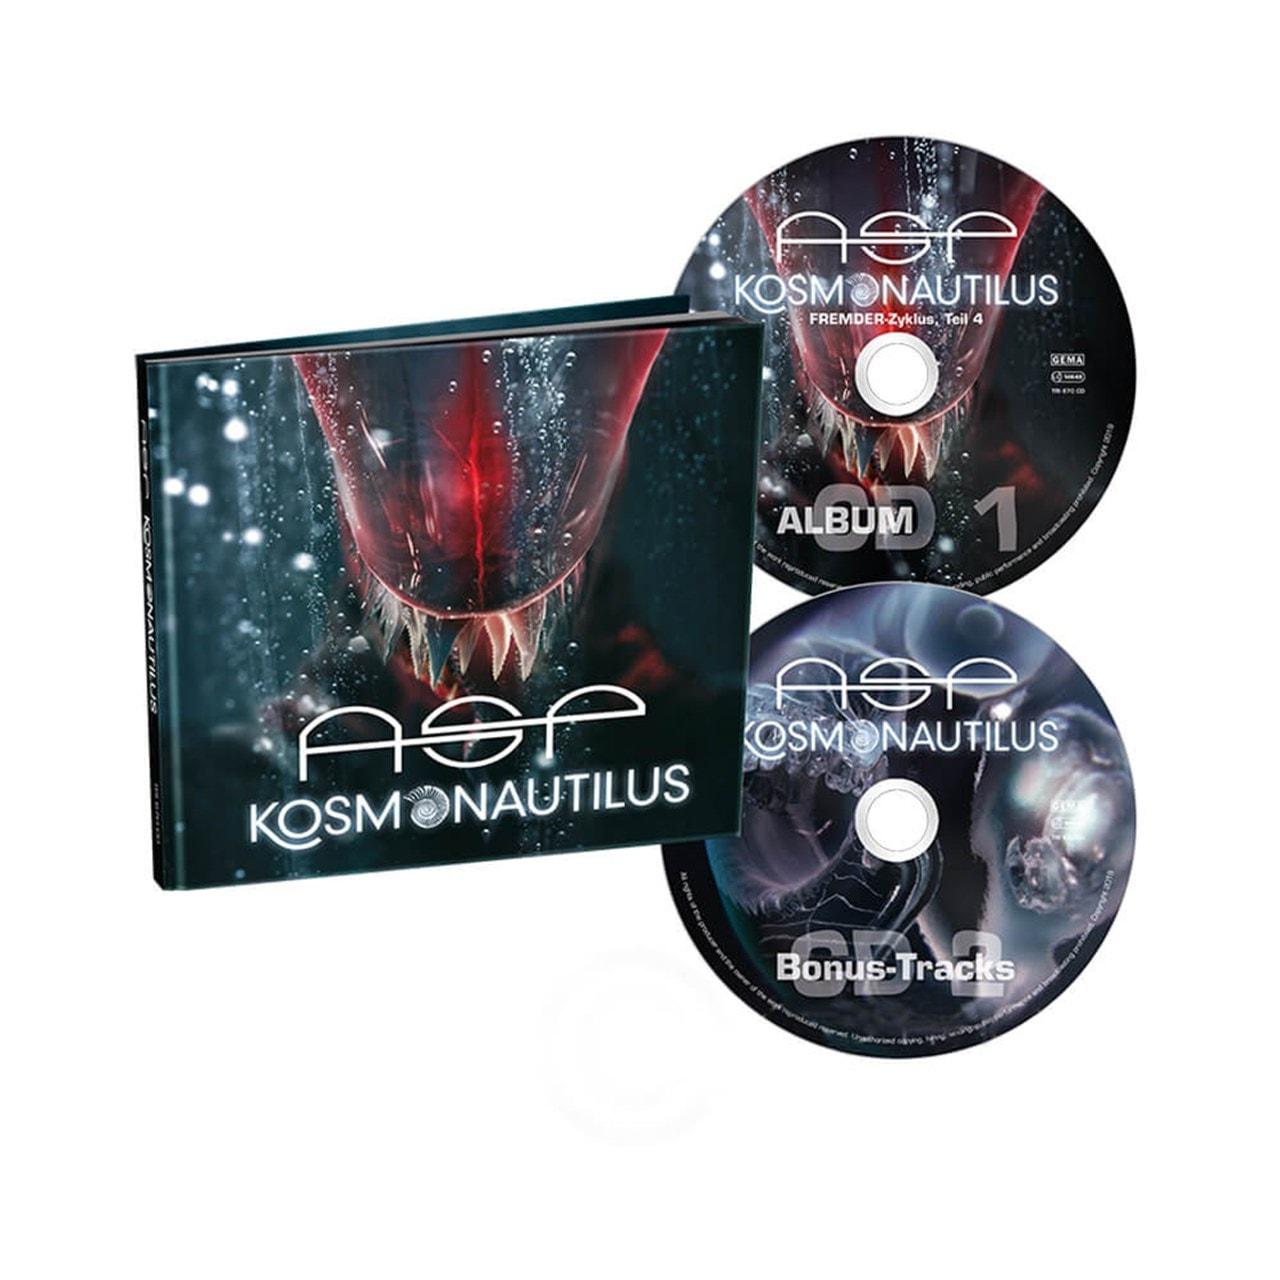 Kosmonautilus - 2